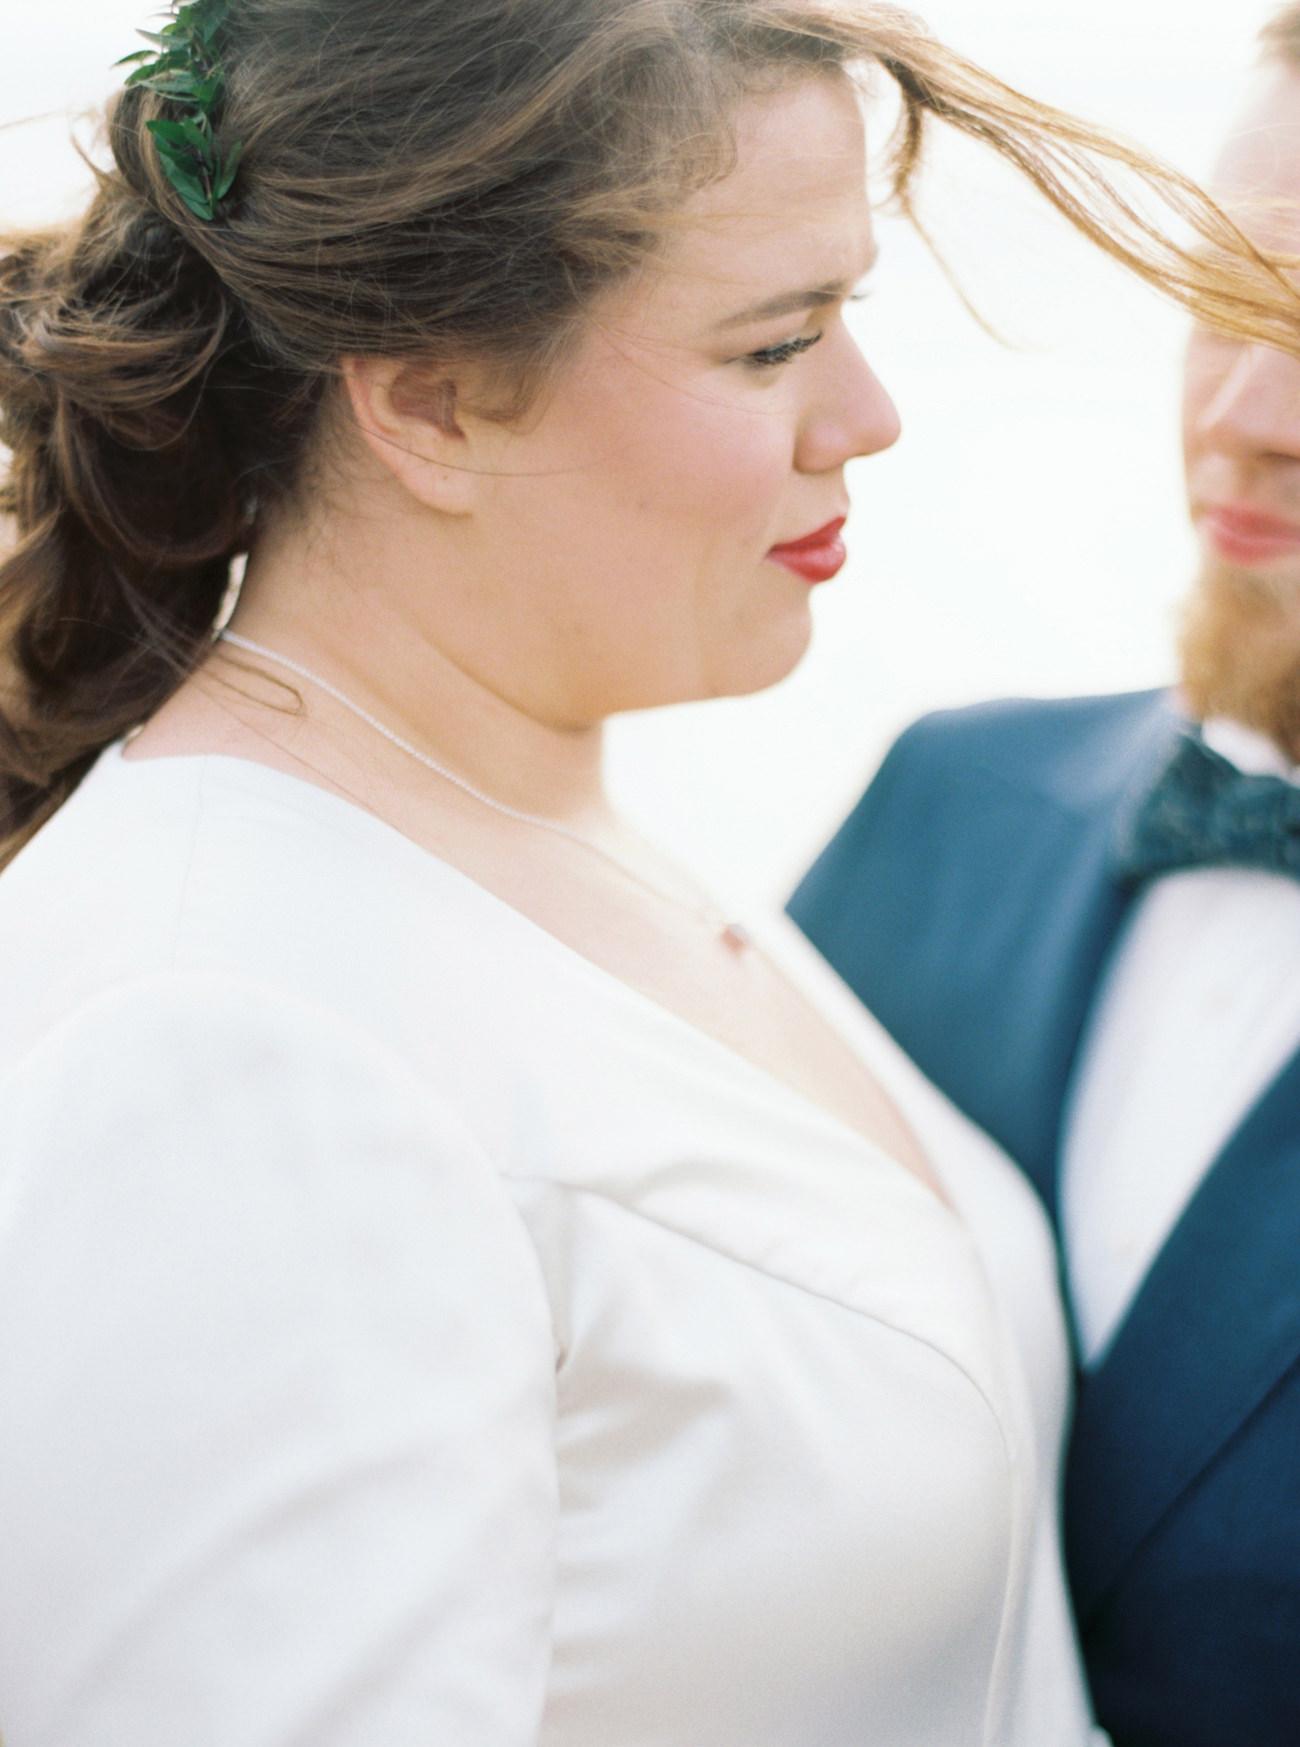 Sofie & Max's Autumn Wedding in Myllysali, Tenalji von Fersen, Suomenlinna, Nord & Mae, Susanna Nordvall, Hääkuvaus, Hääkuvaaja, Dokumentaarinen hääkuvaus, Helsinki (109).jpg